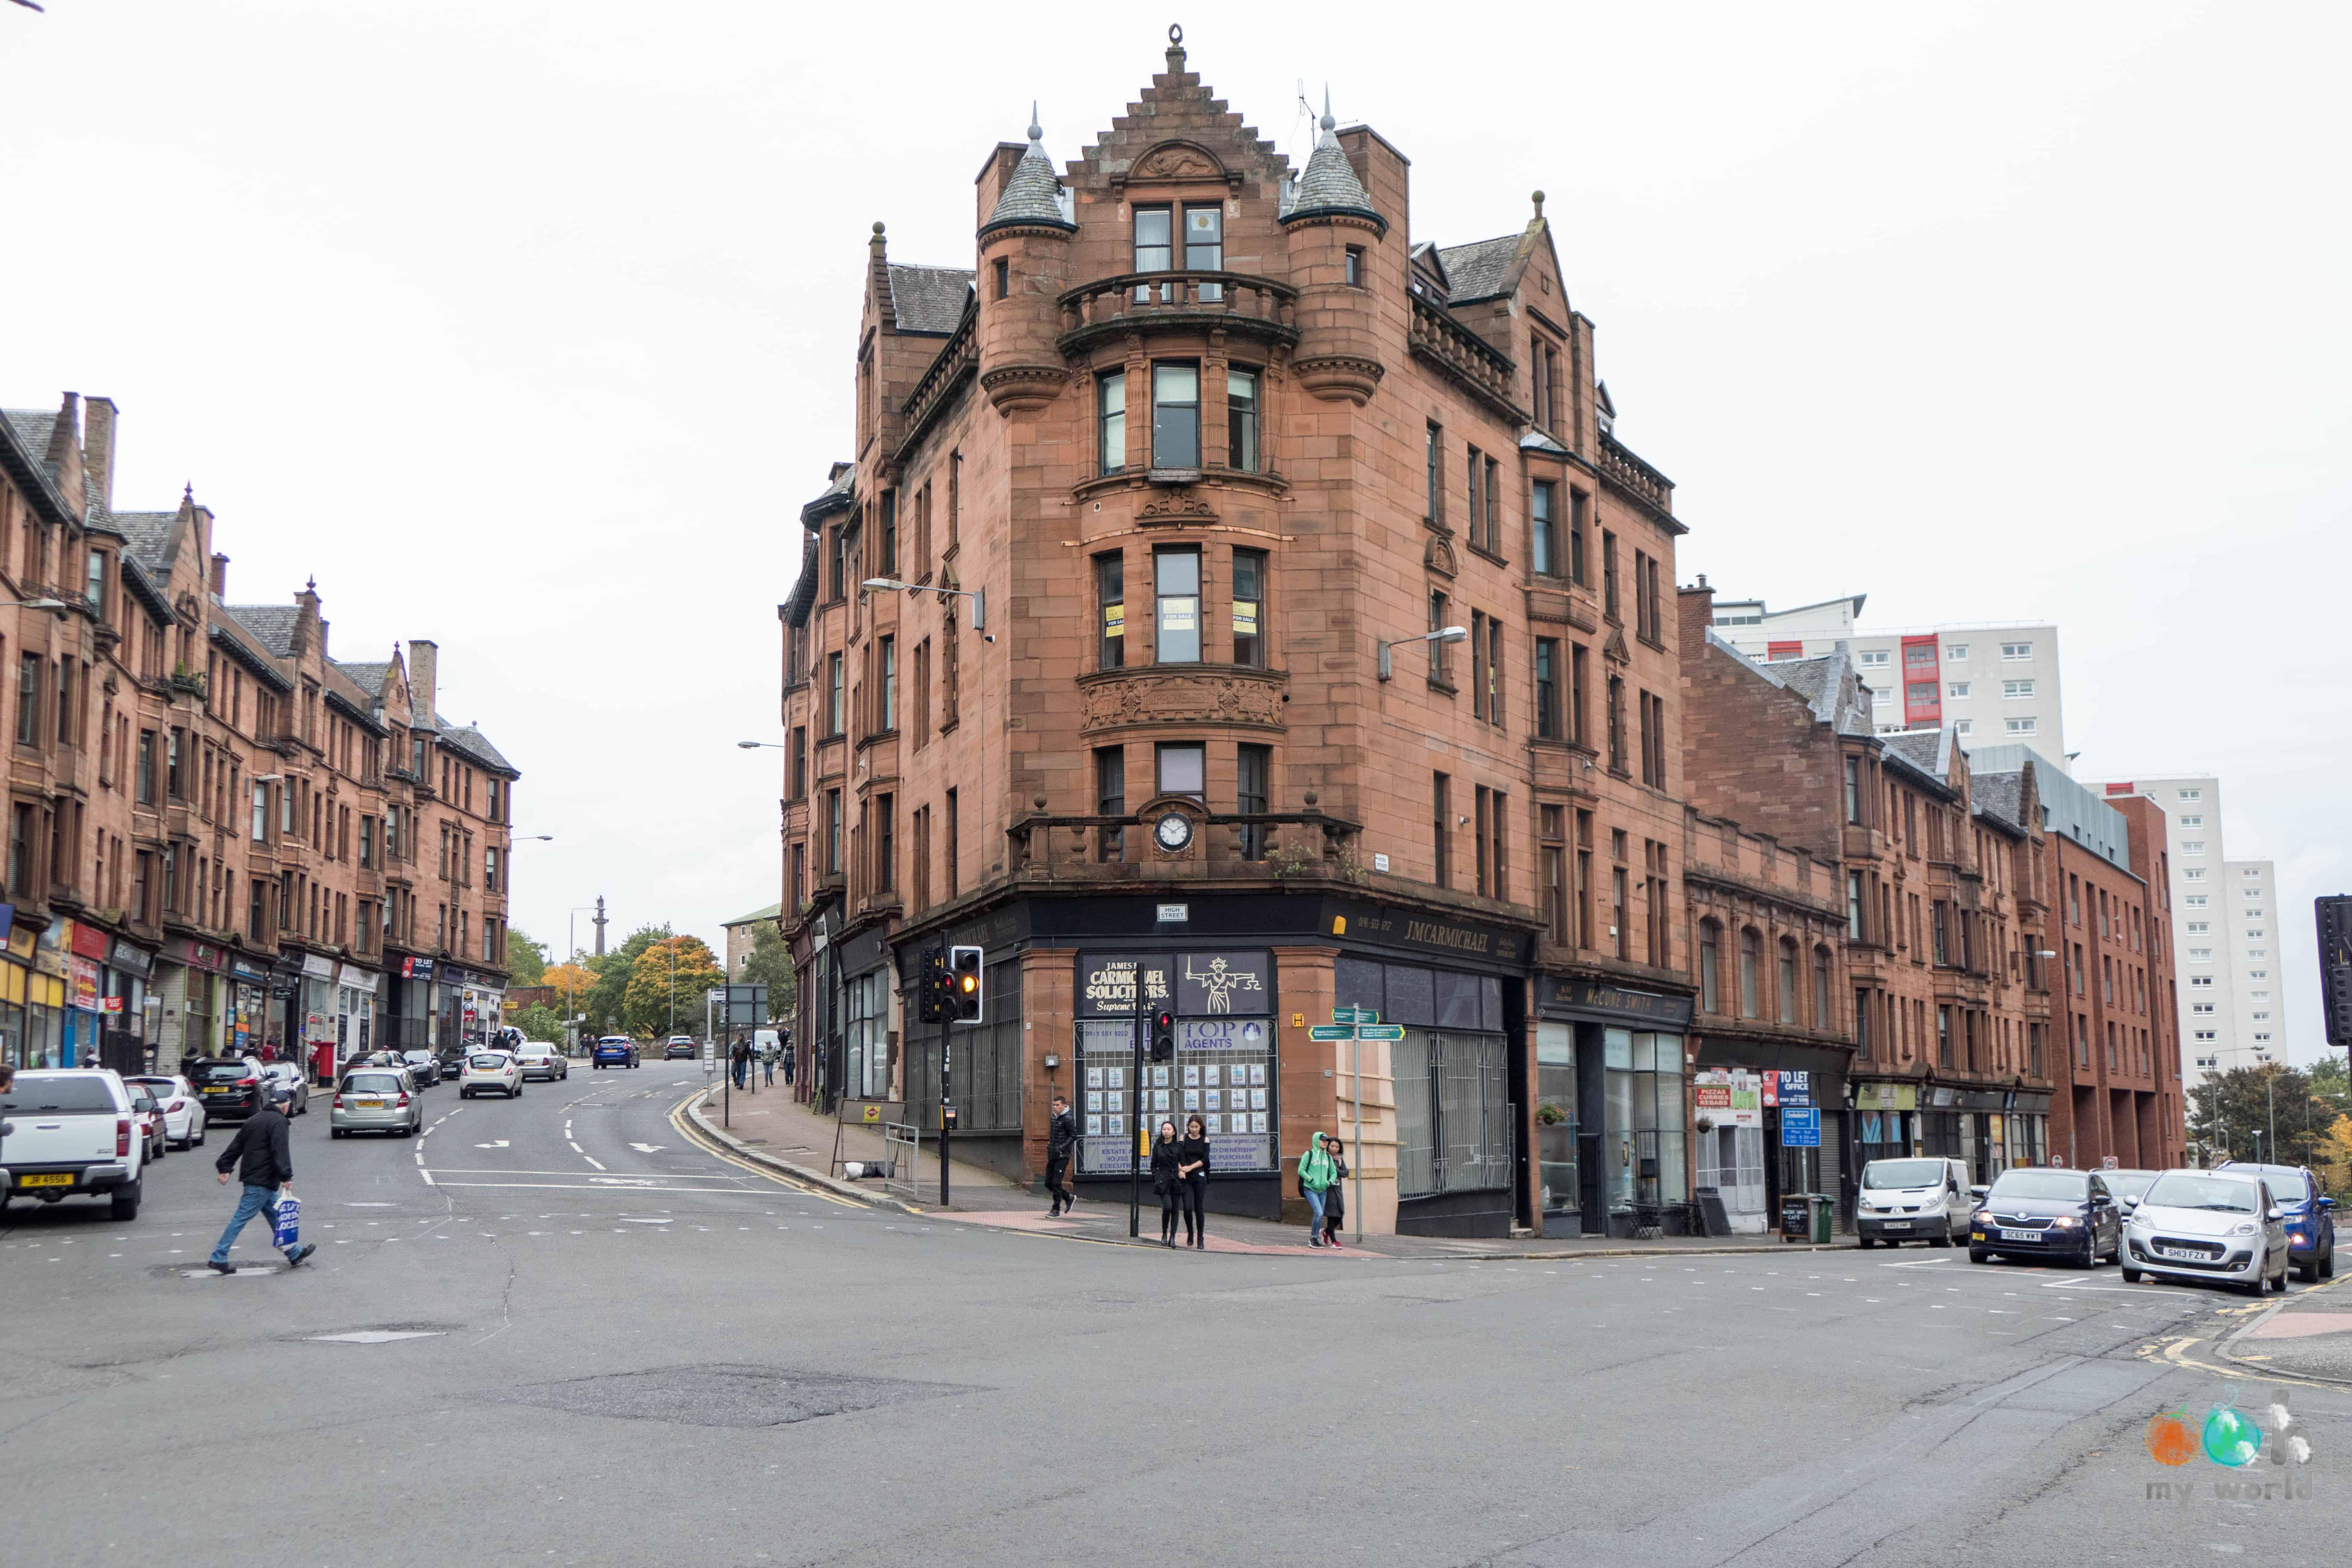 Visite de Glasgow pendant une journée